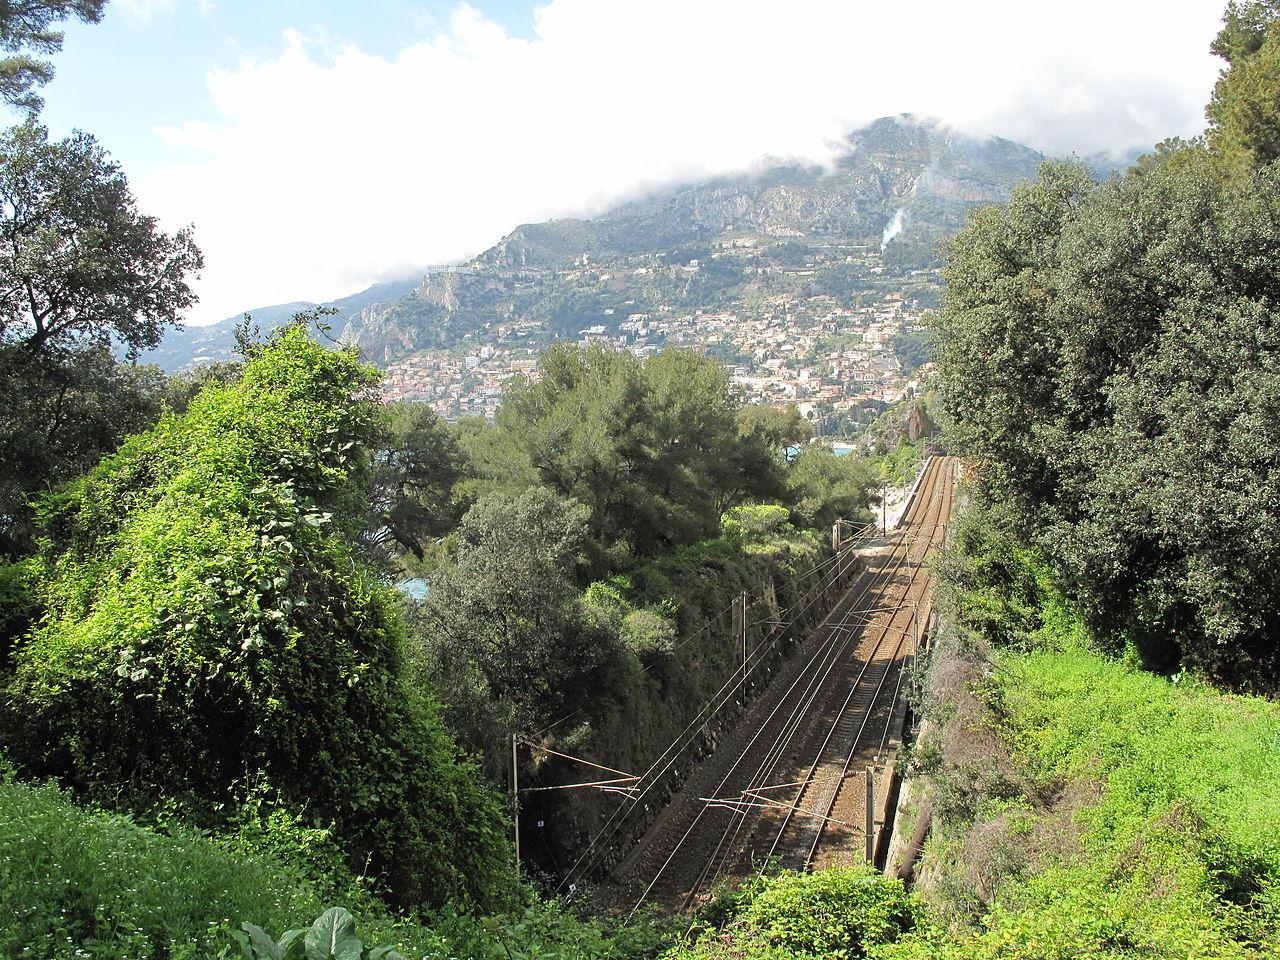 railtracks_to_roquebrune_station.jpg